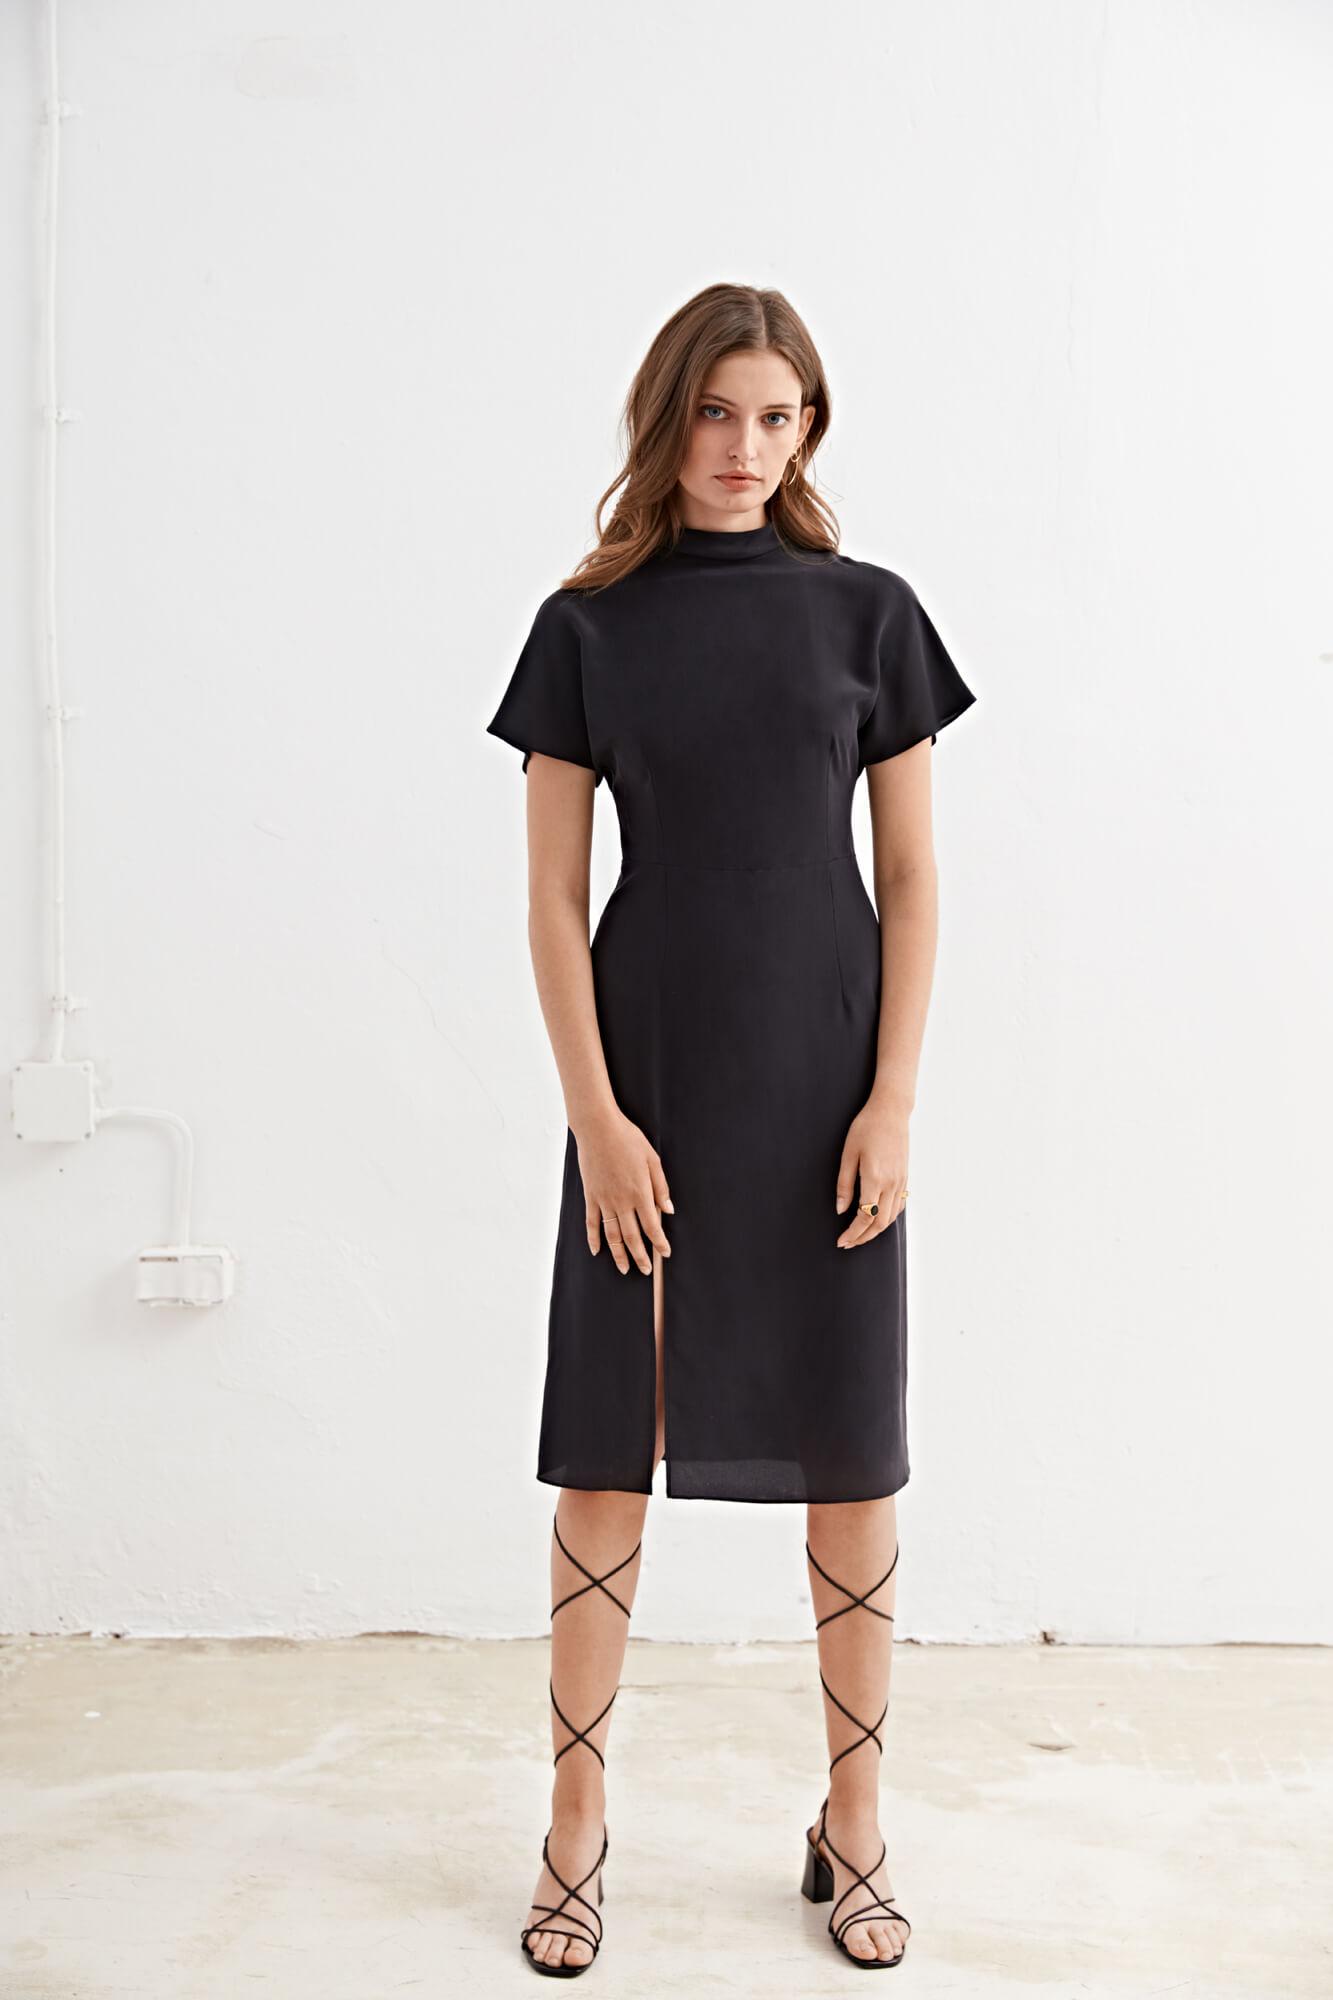 Modella in piedi con vestito nero